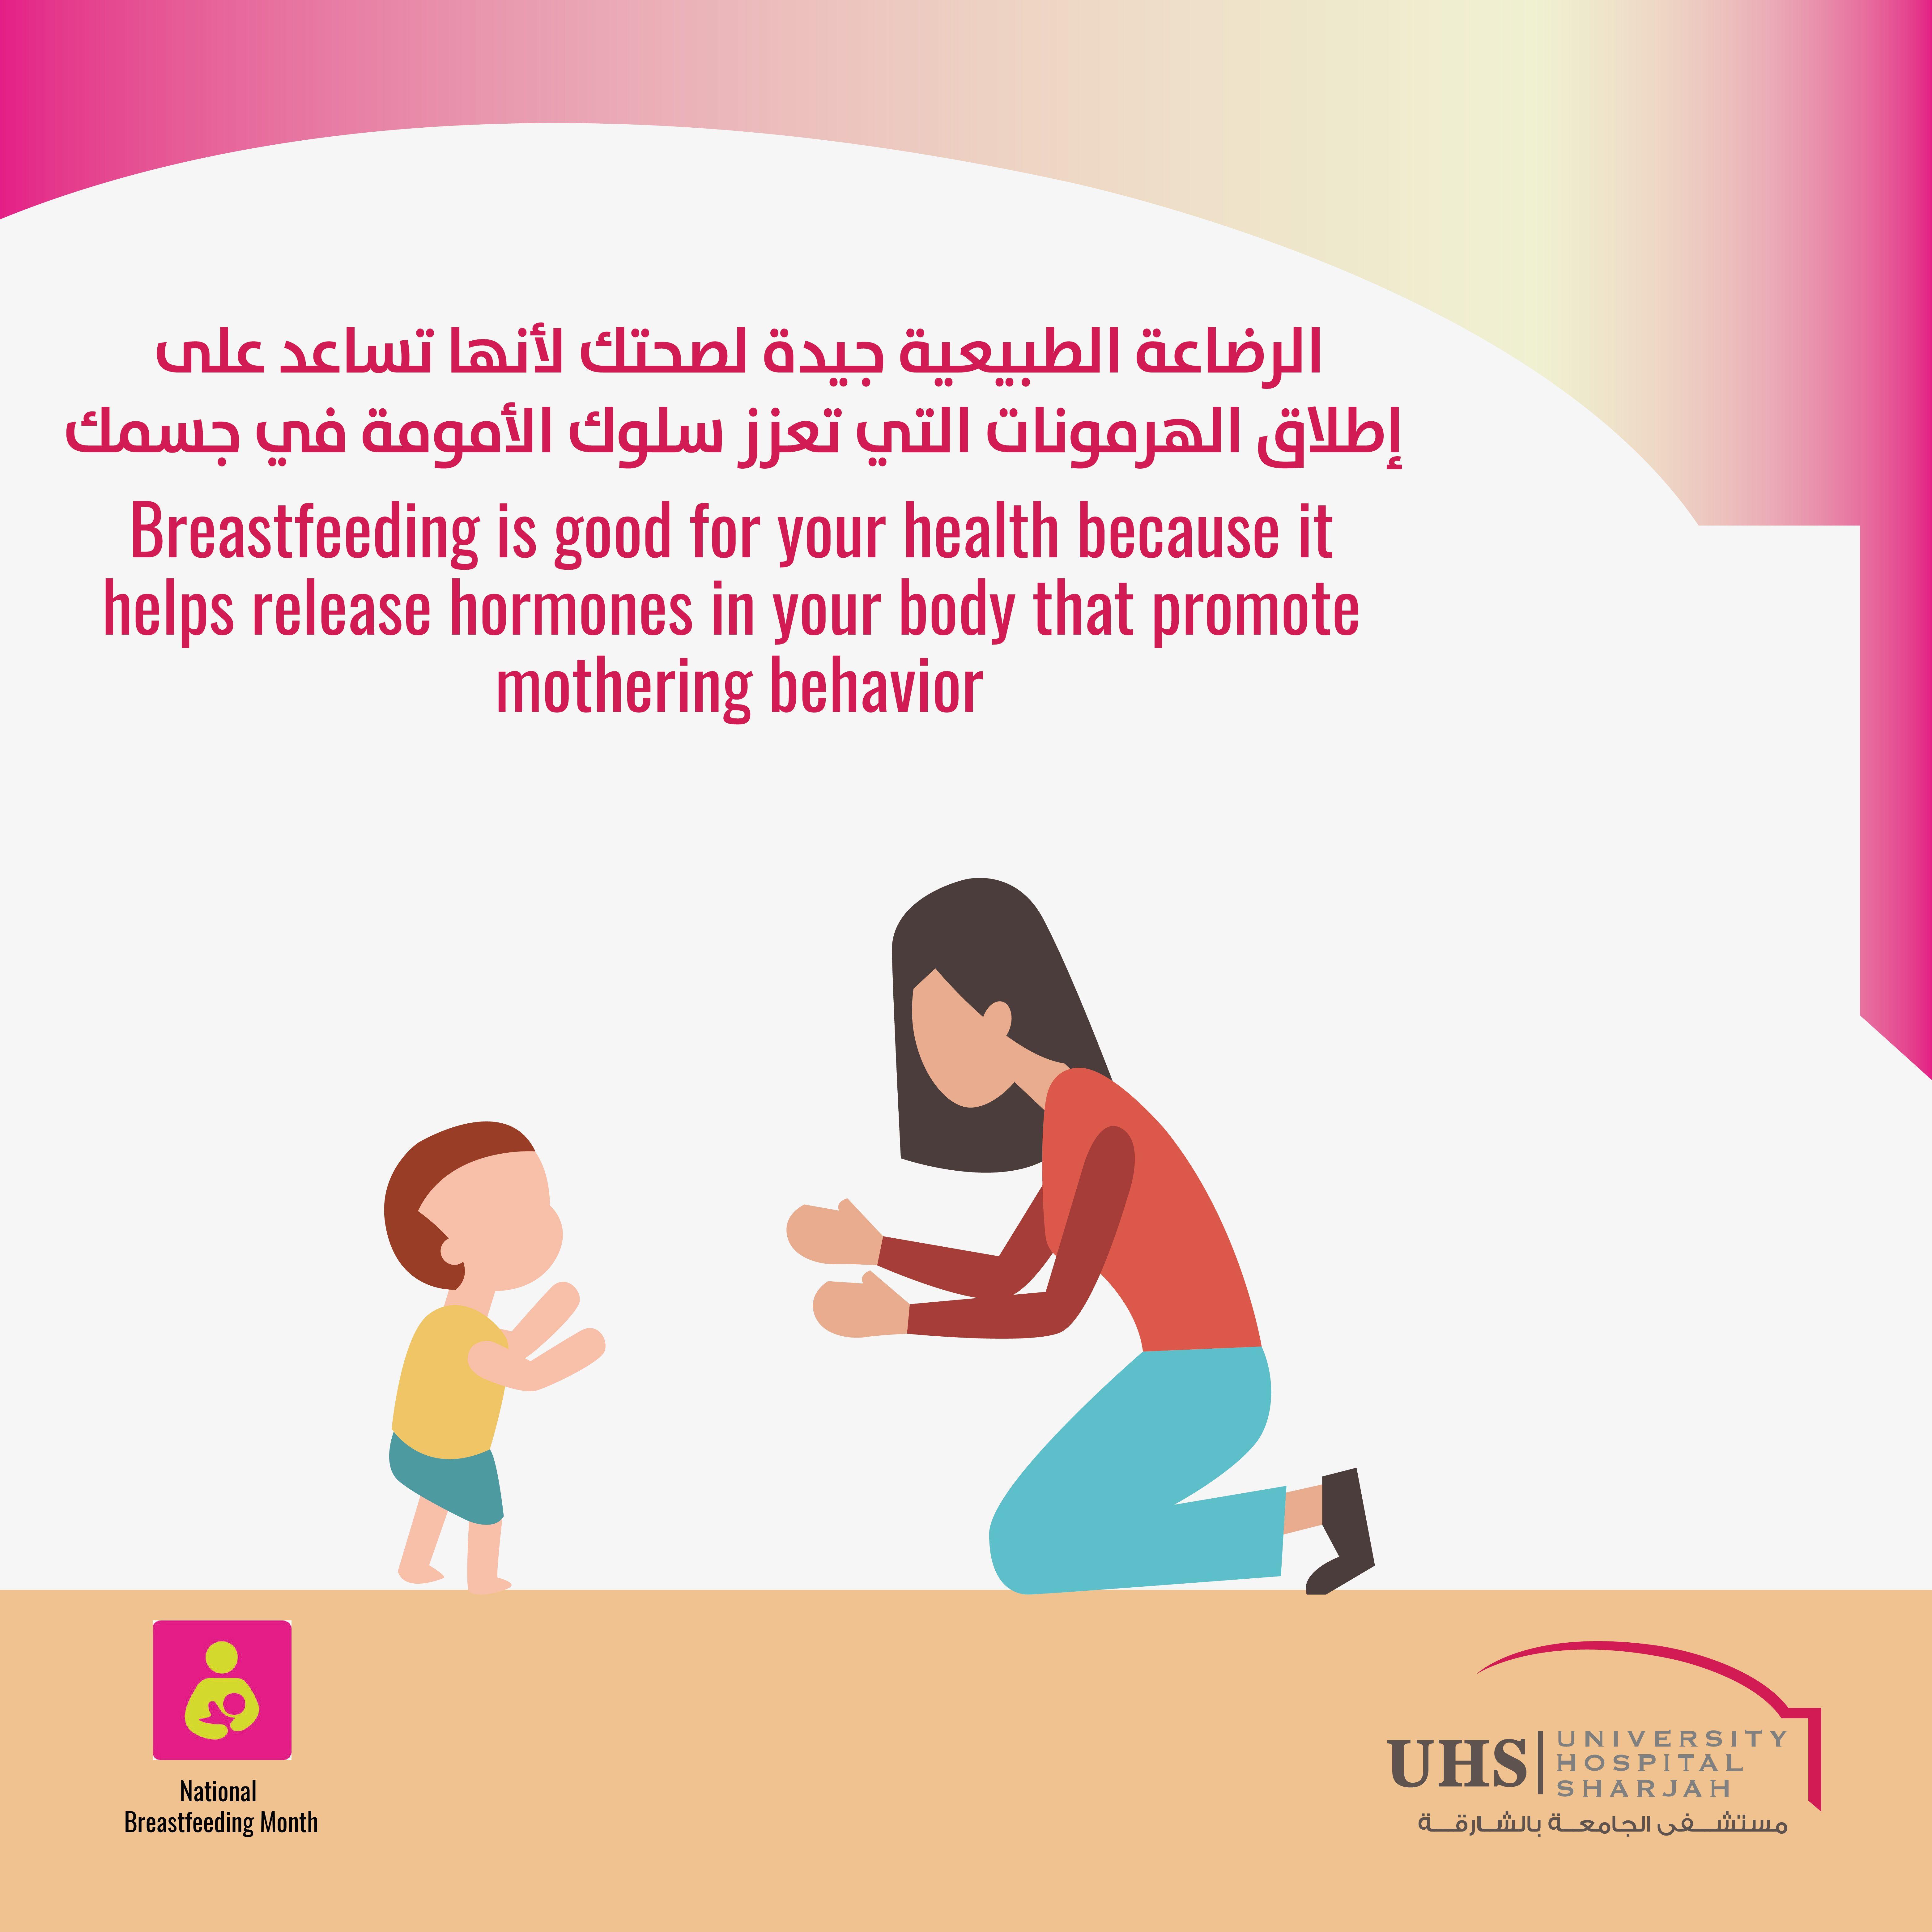 الرضاعة الطبيعية جي دة لصحتك لأنها تساعد على إطلاق الهرمونات التي تعزز سلوك الأمومة في جسمك Breastfeeding Awareness Breastfeeding Awareness Month Breastfeeding